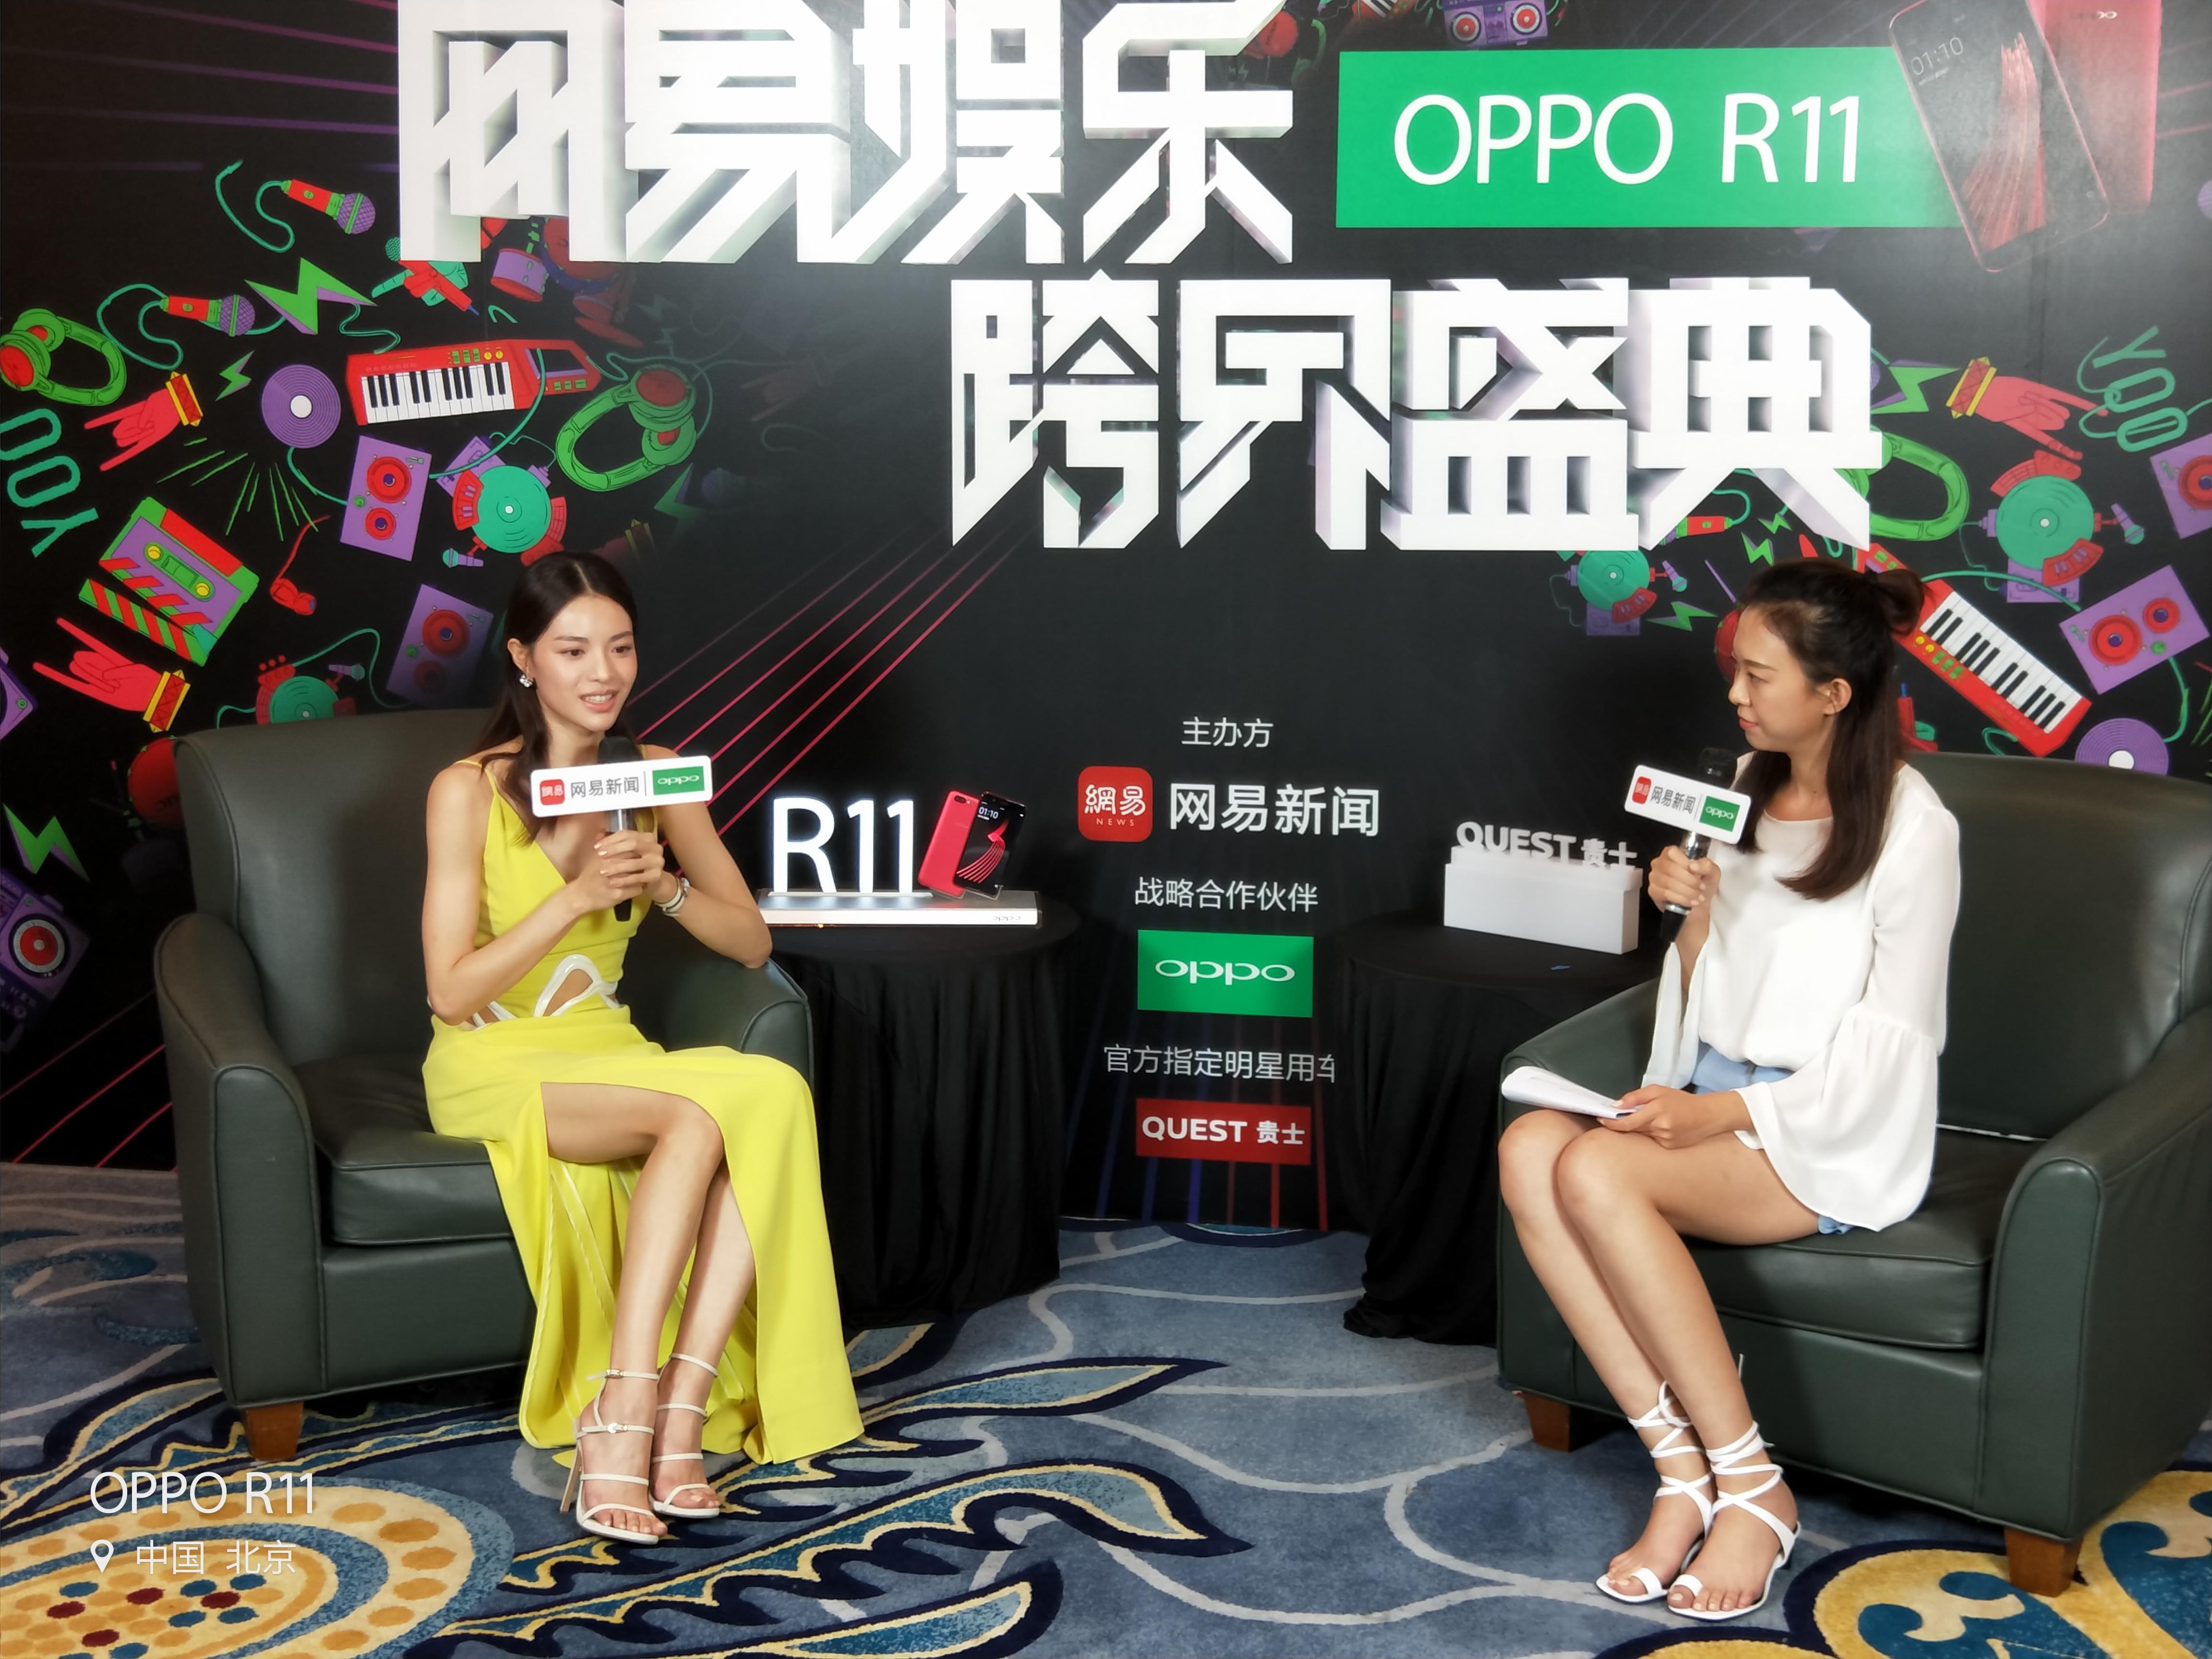 专访钟楚曦:我希望自己有更多的可能性